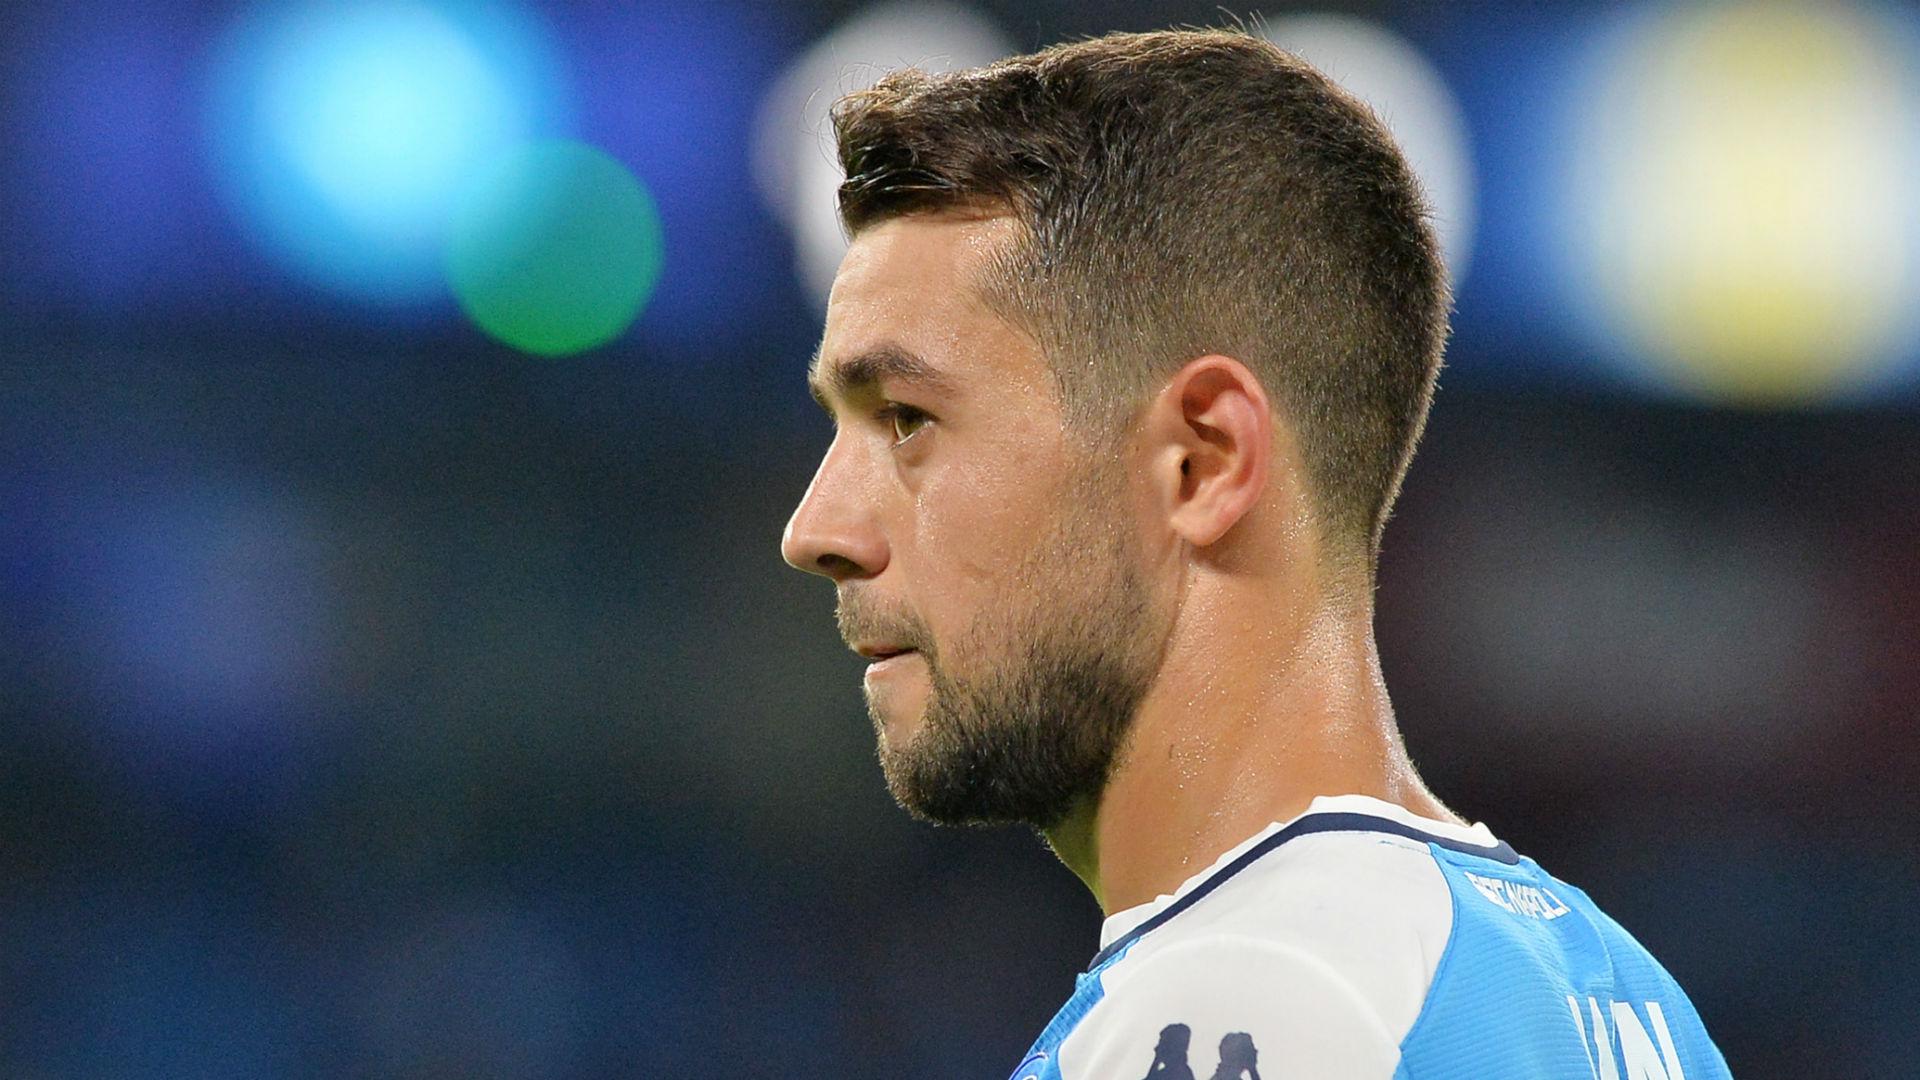 Sportitalia - C'è l'accordo tra Napoli e Samp, la decisione spetta al calciatoa